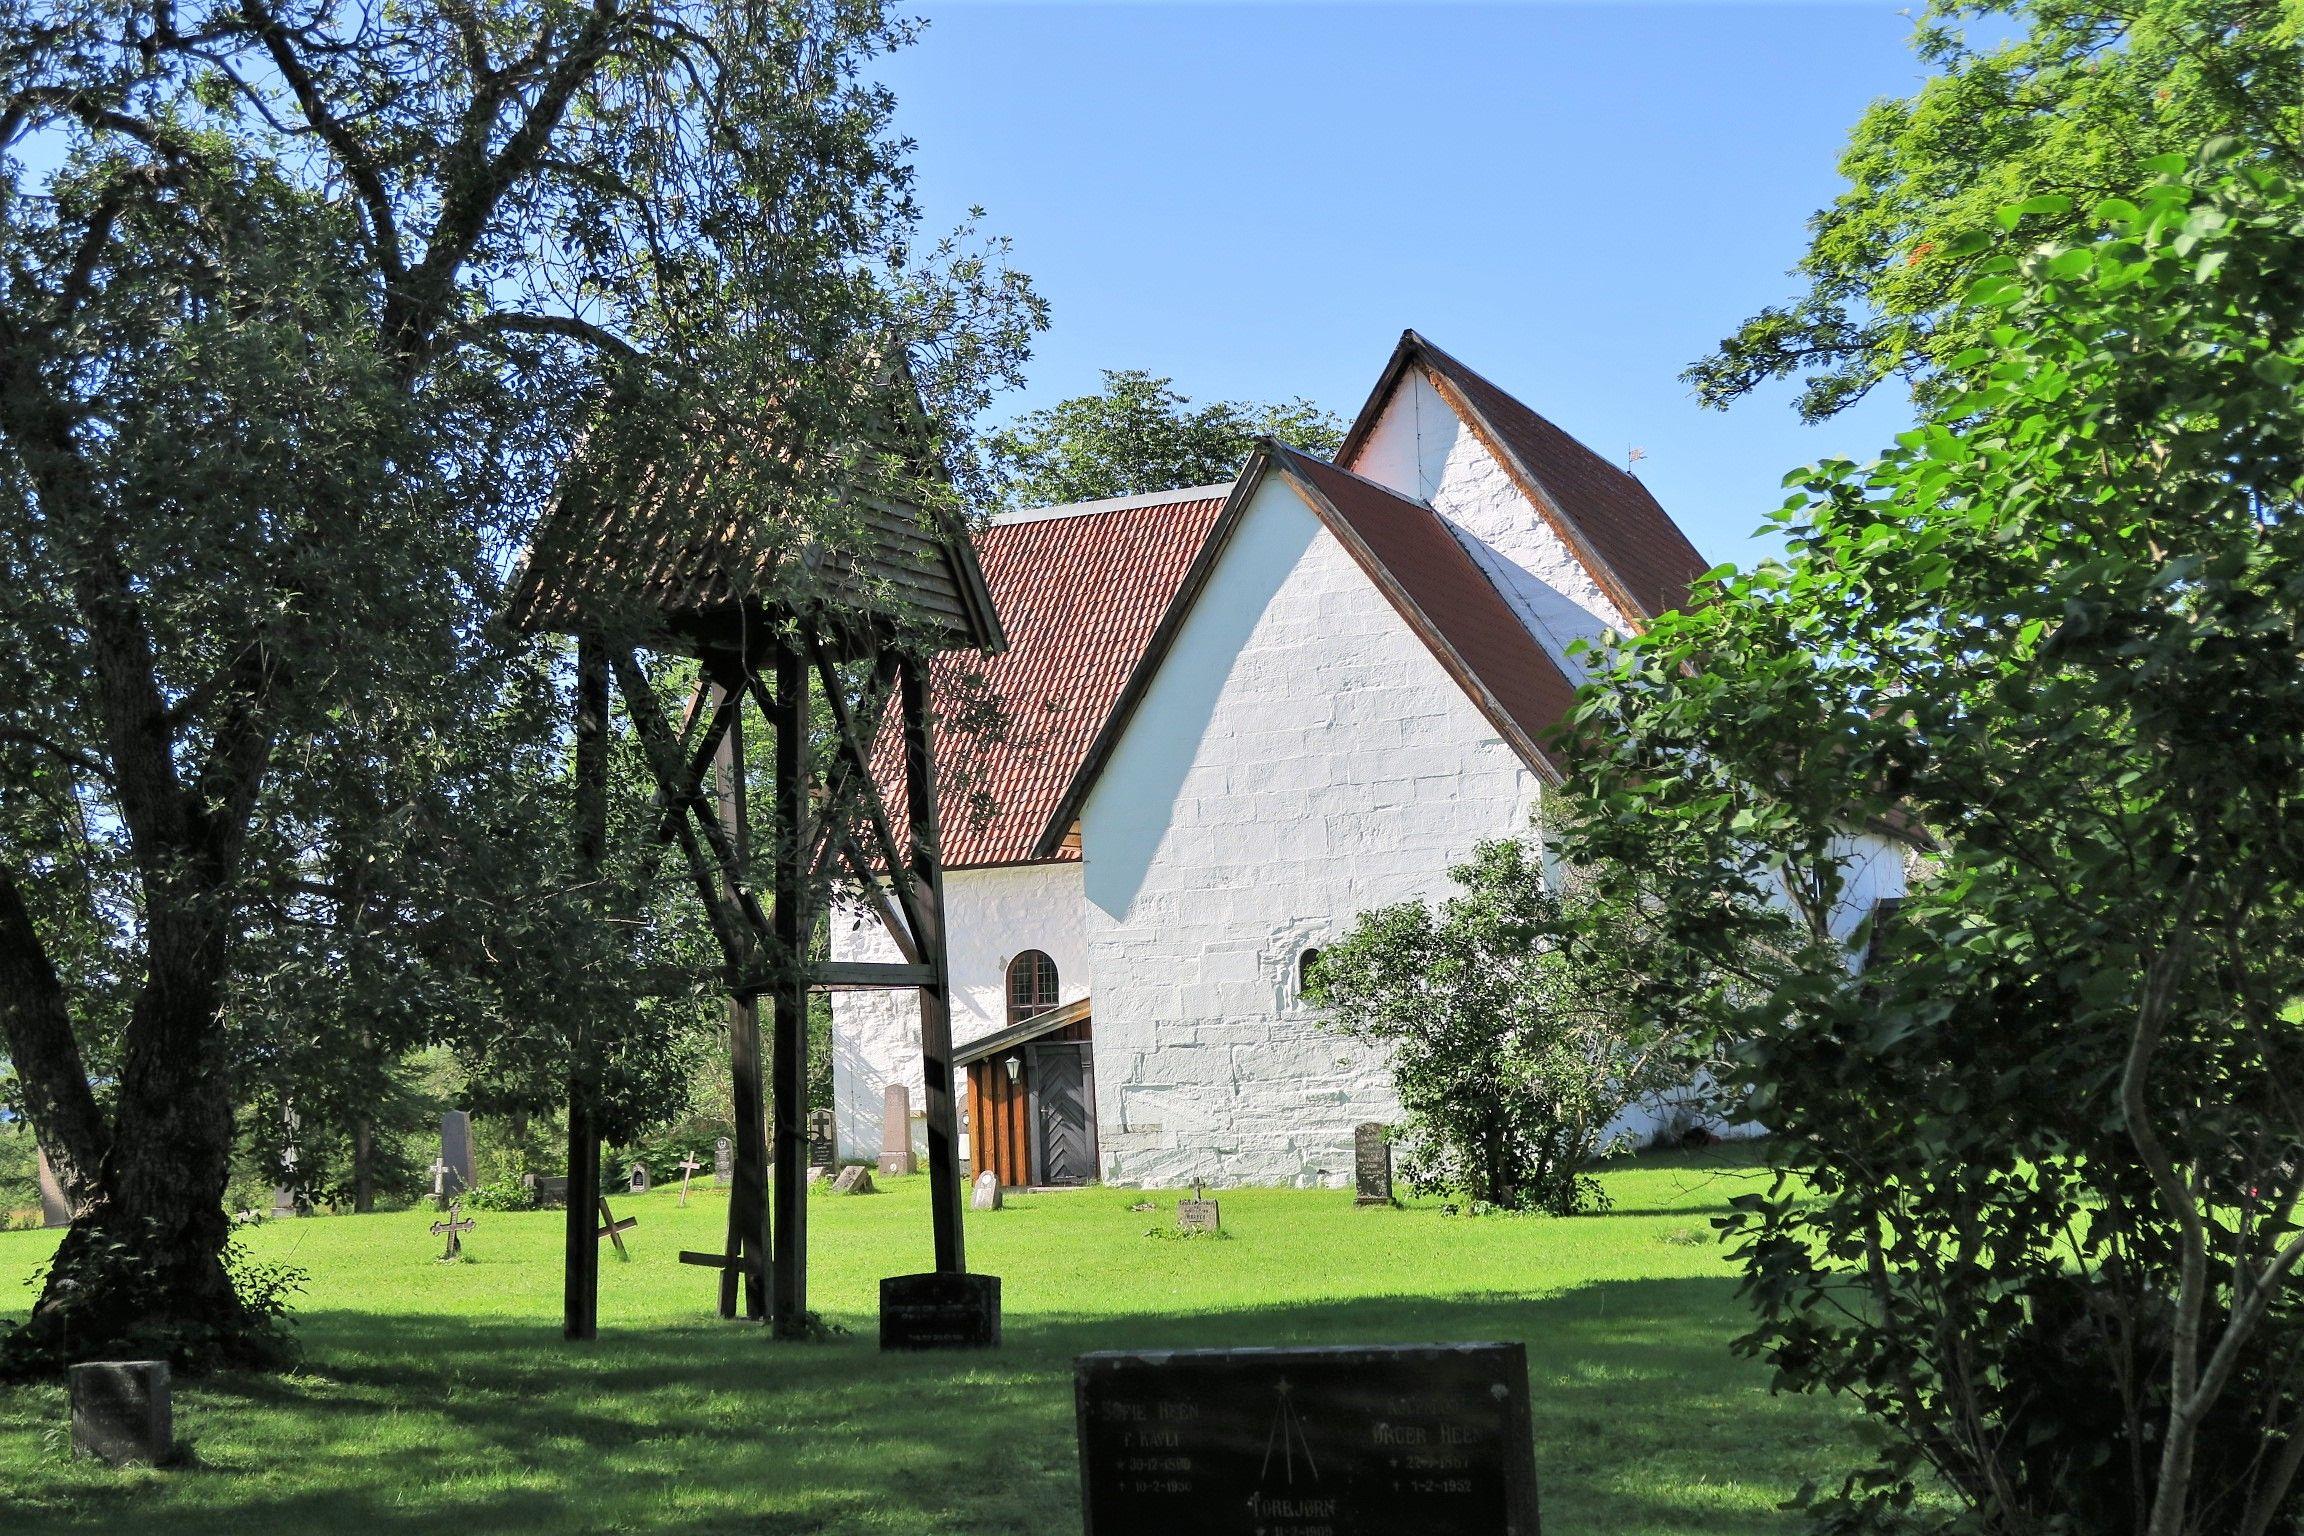 L'ancienne église de Gildeskål